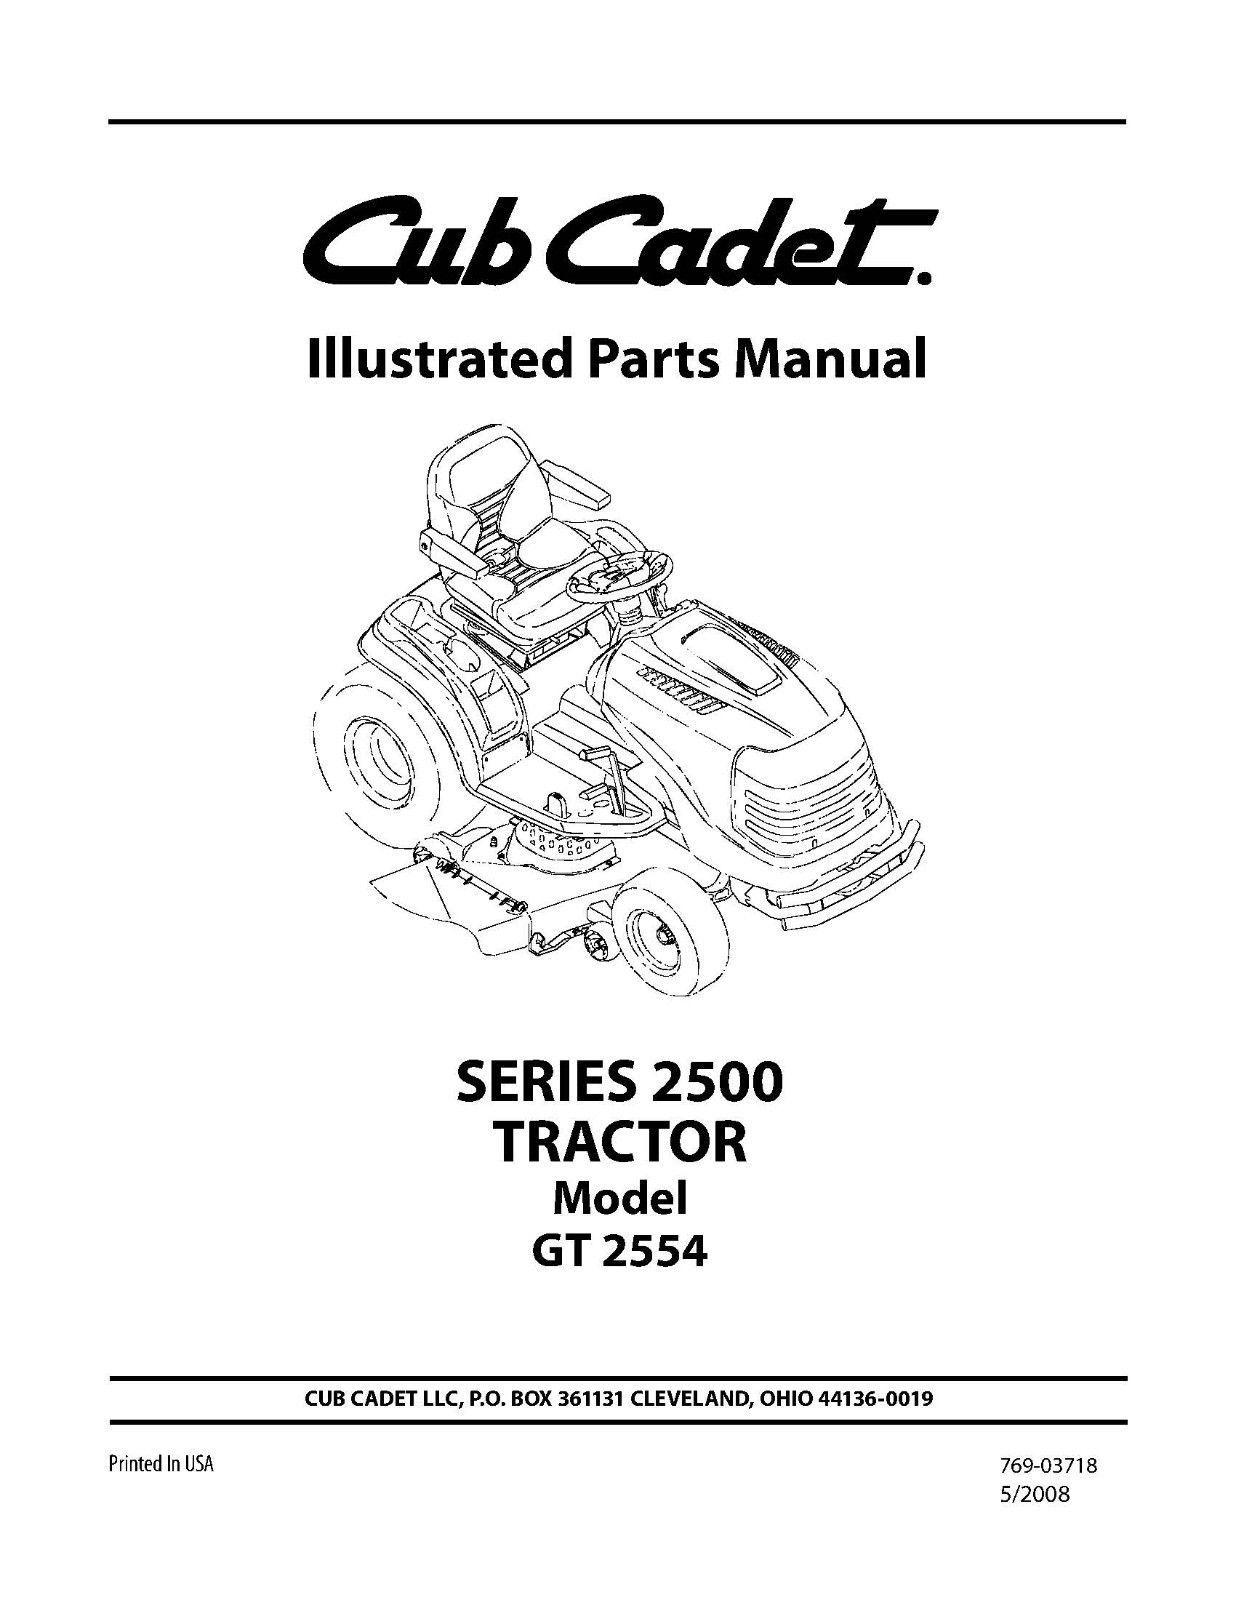 Cub Cadet Parts Manual Model No. GT 2554